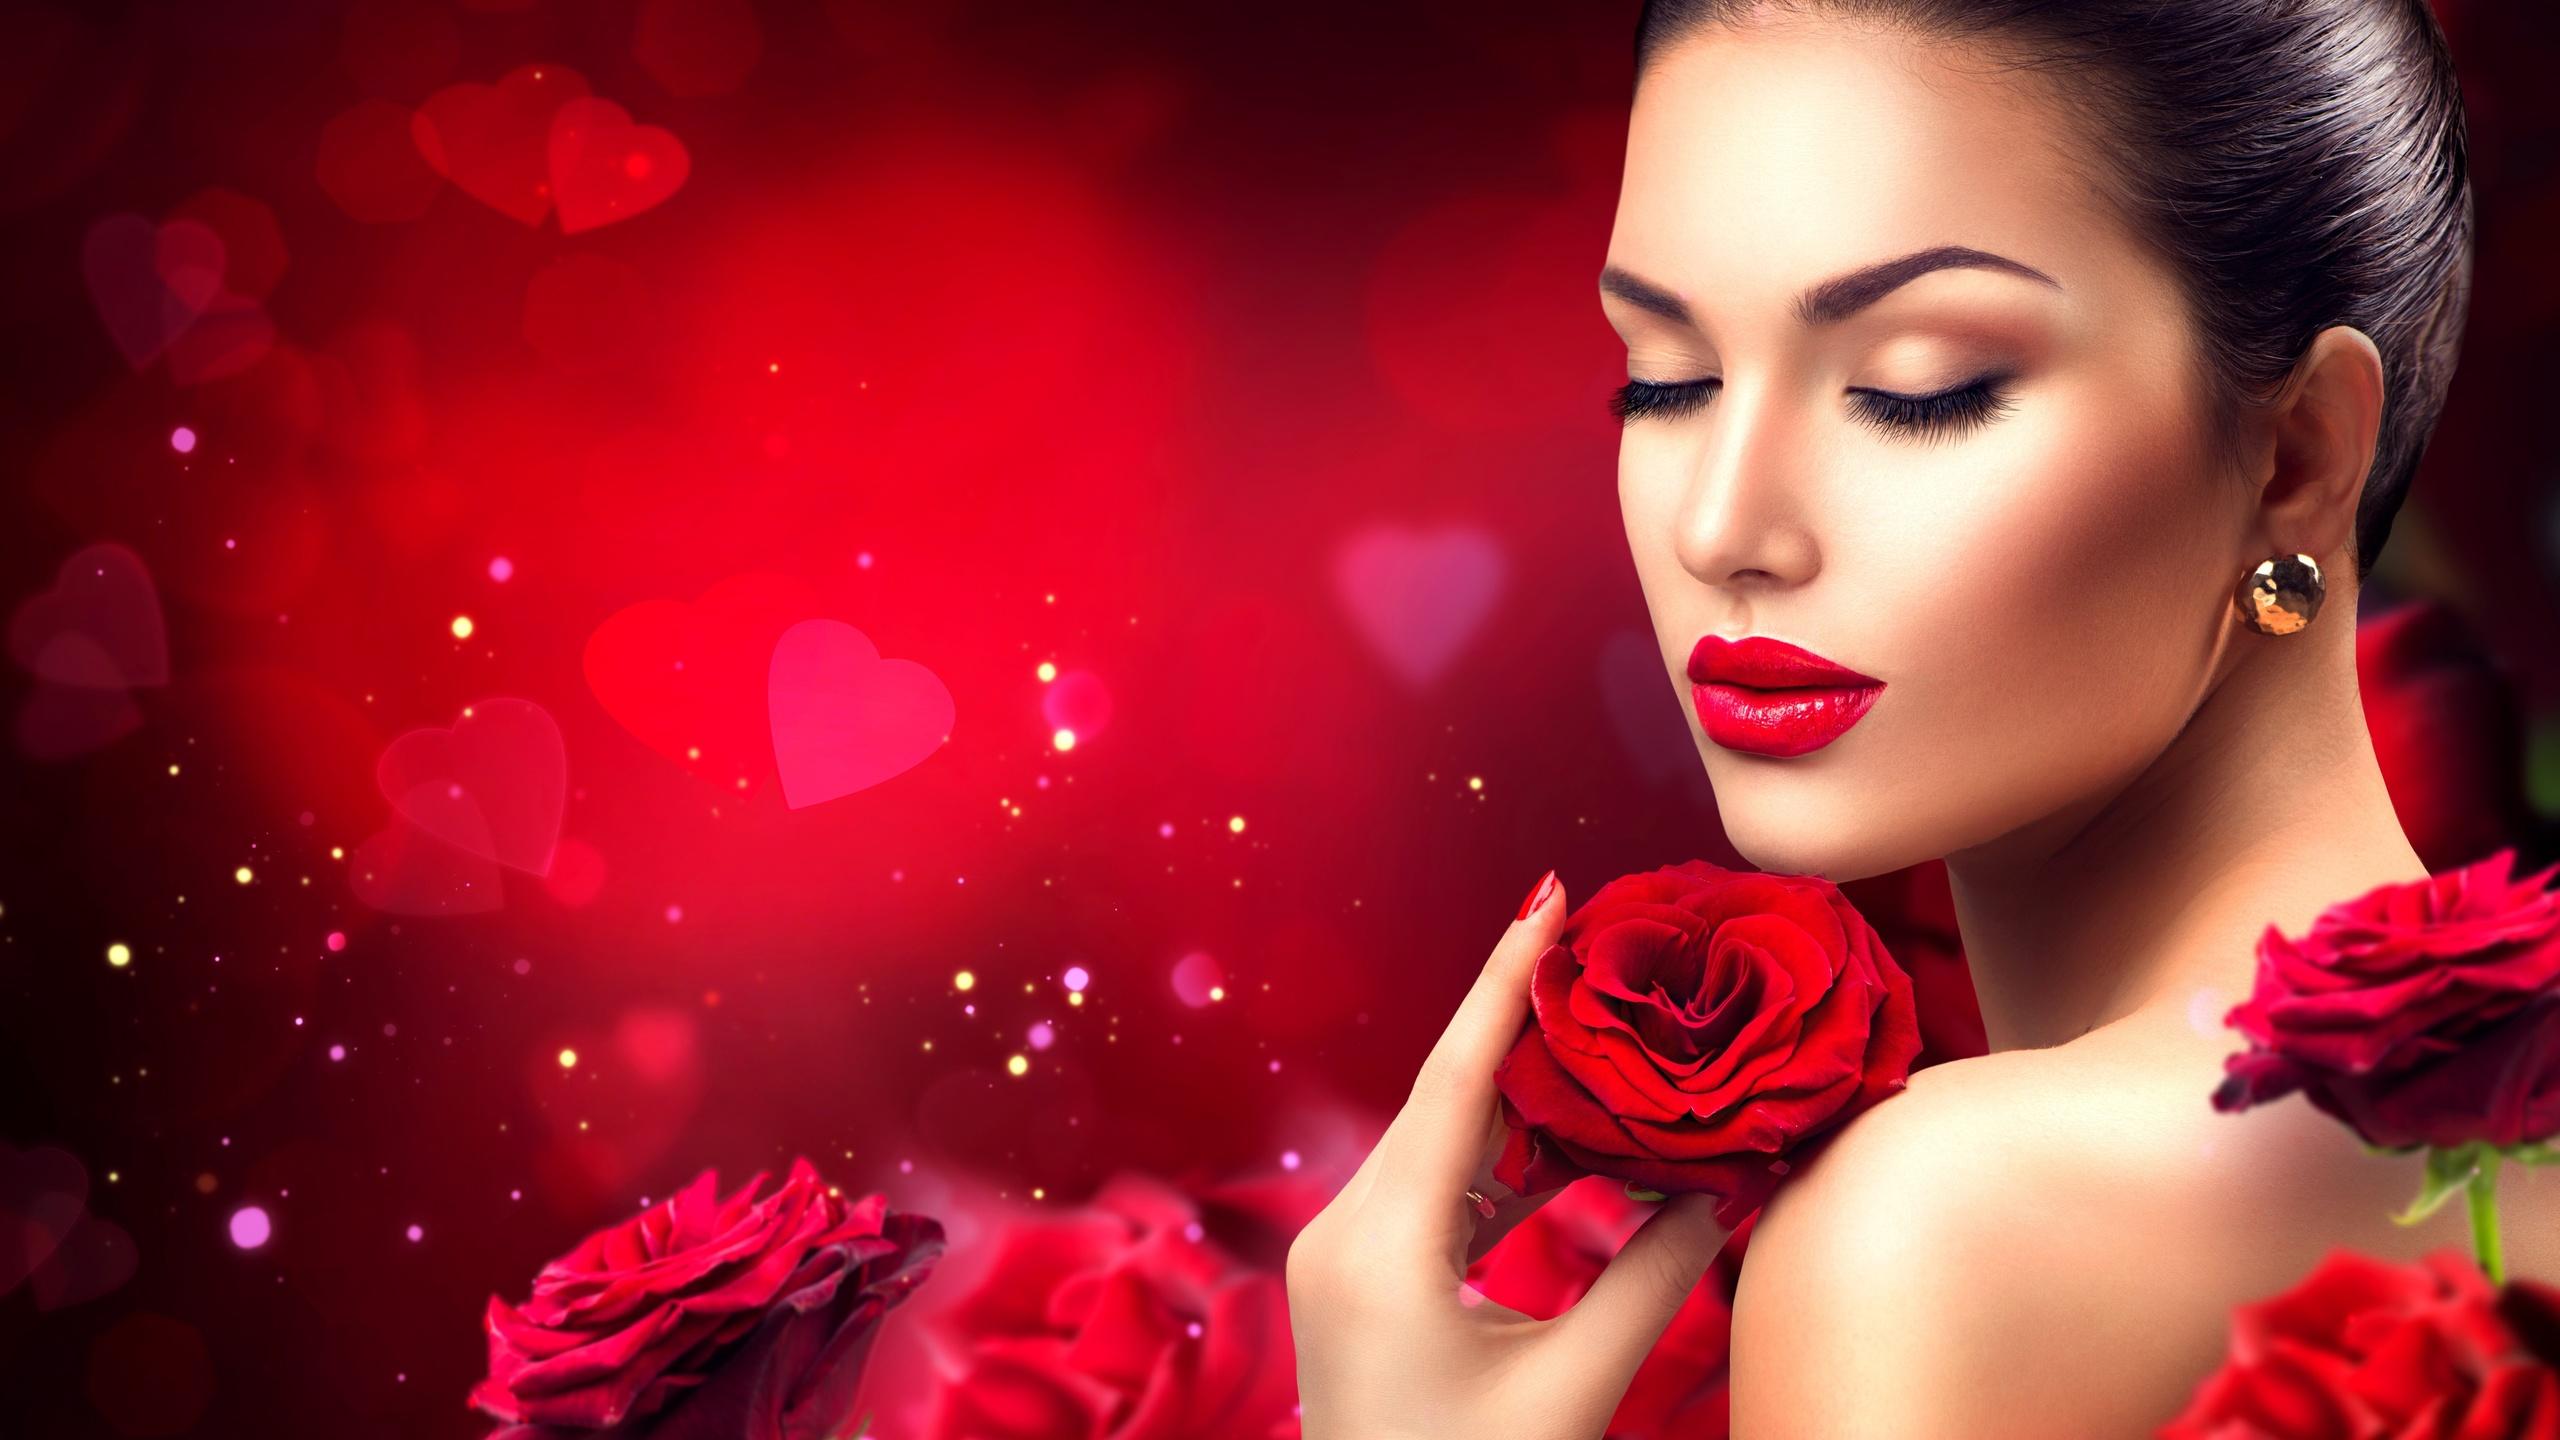 Открытка девушка с розой, фото котэ